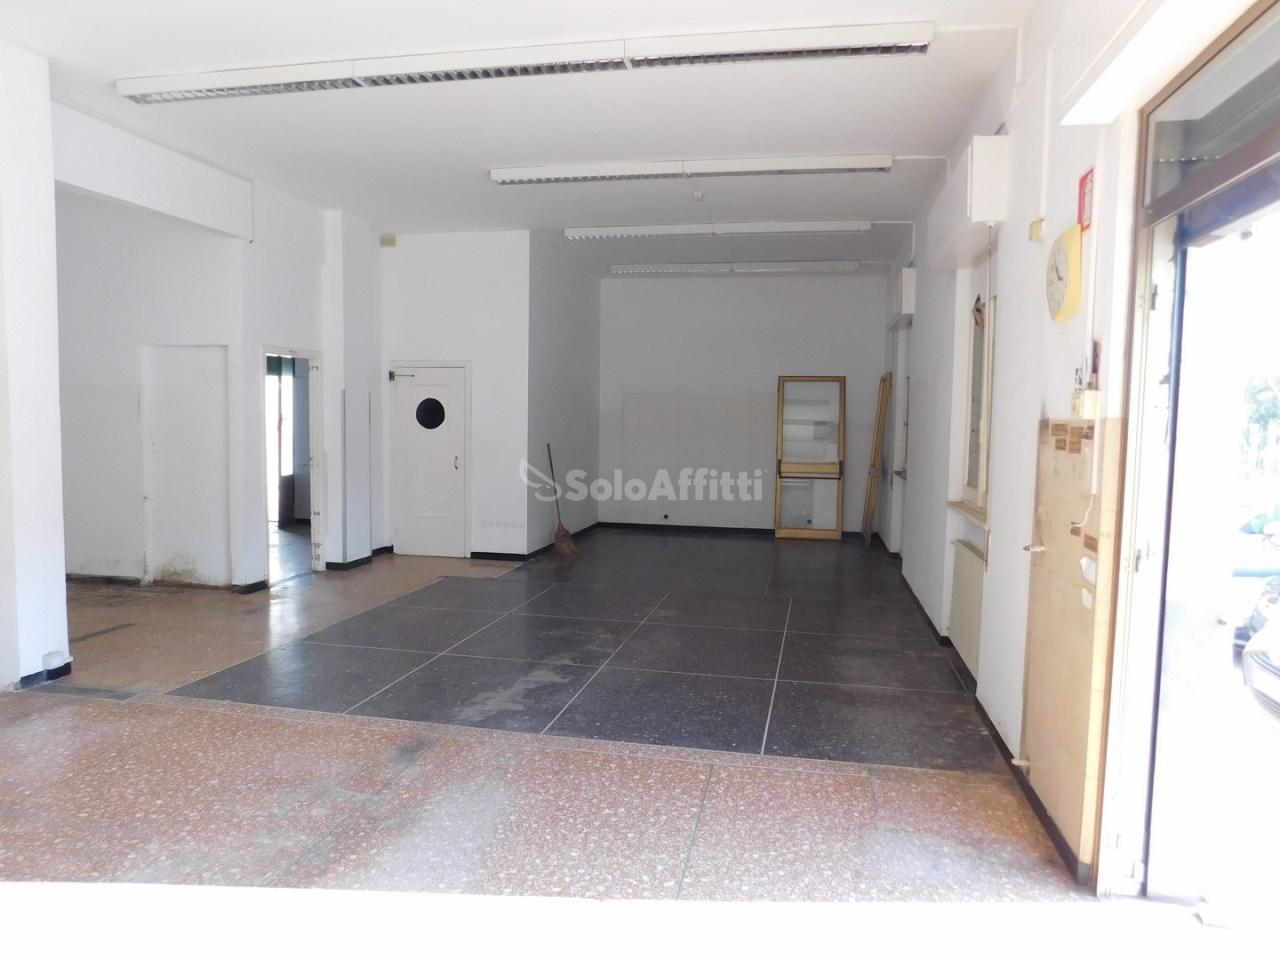 Negozio / Locale in affitto a Albisola Superiore, 2 locali, prezzo € 1.200 | PortaleAgenzieImmobiliari.it